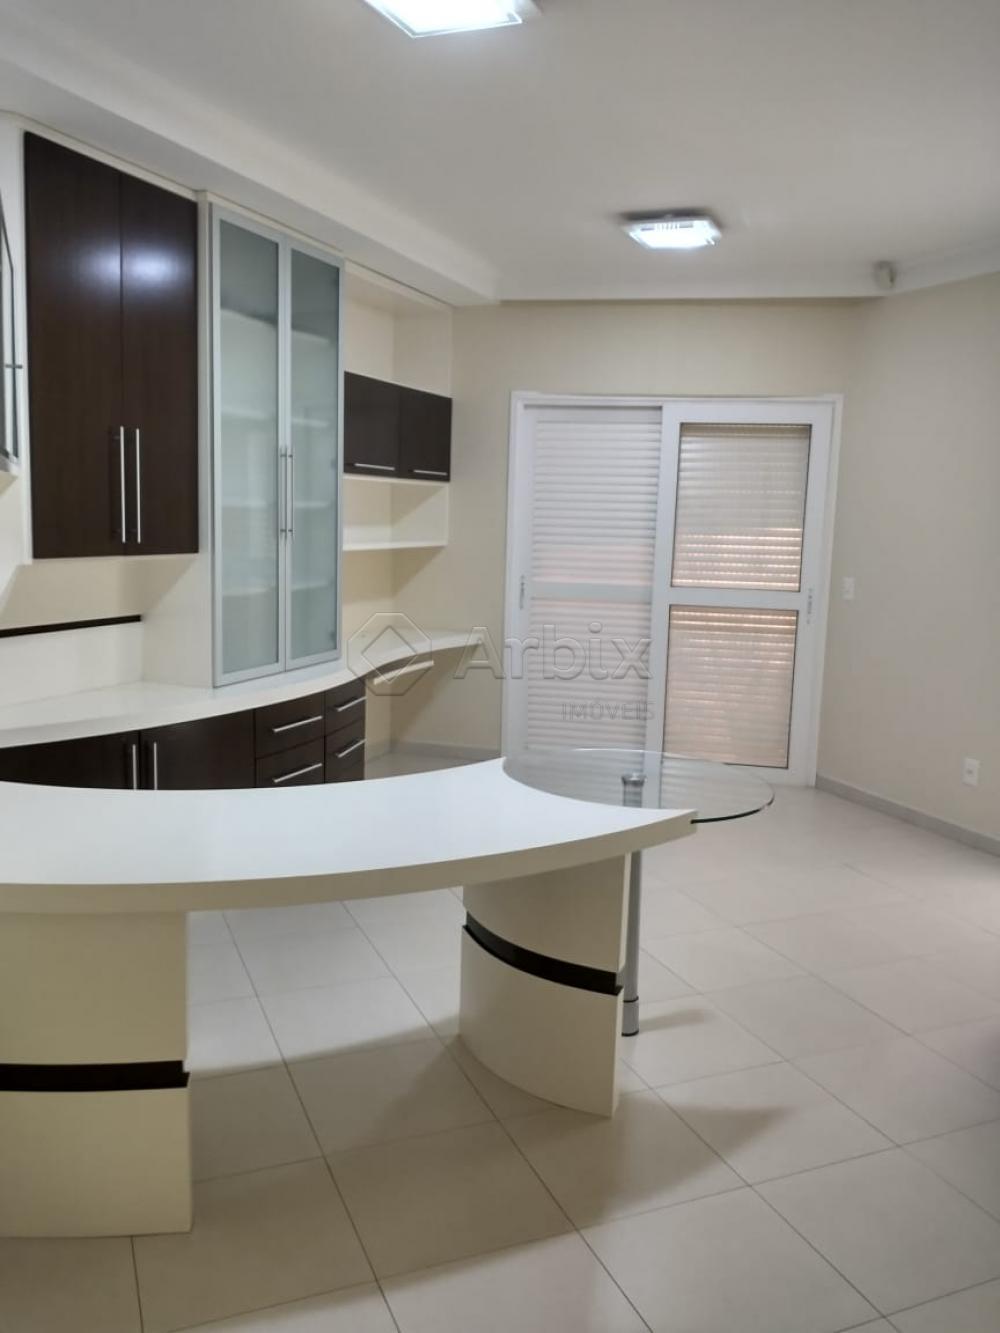 Comprar Casa / Condomínio em Americana R$ 1.700.000,00 - Foto 5